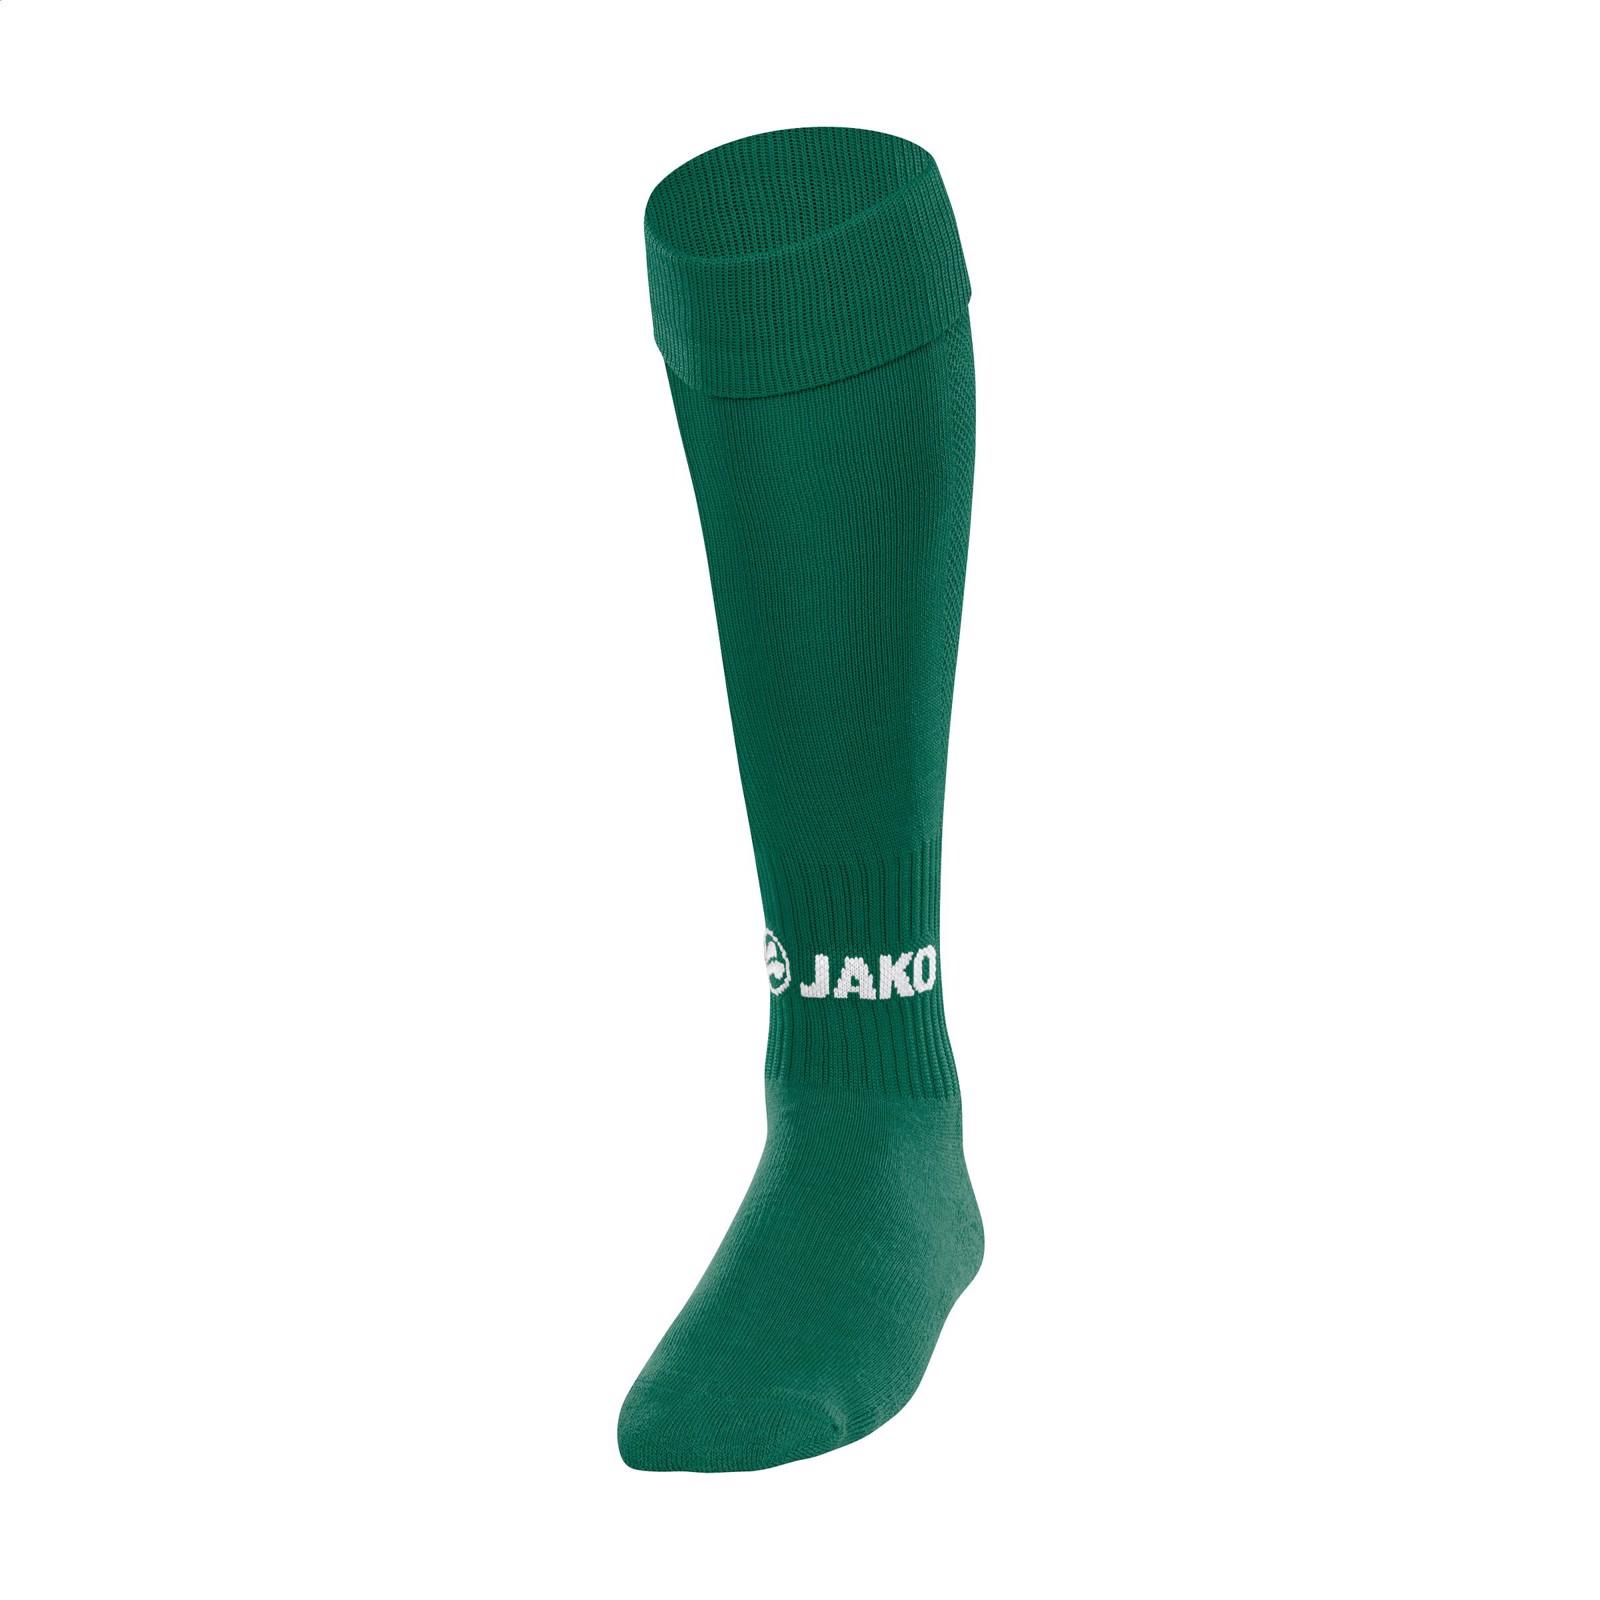 Jako® Glasgow Sport Socks  2.0 Adults - Green / L